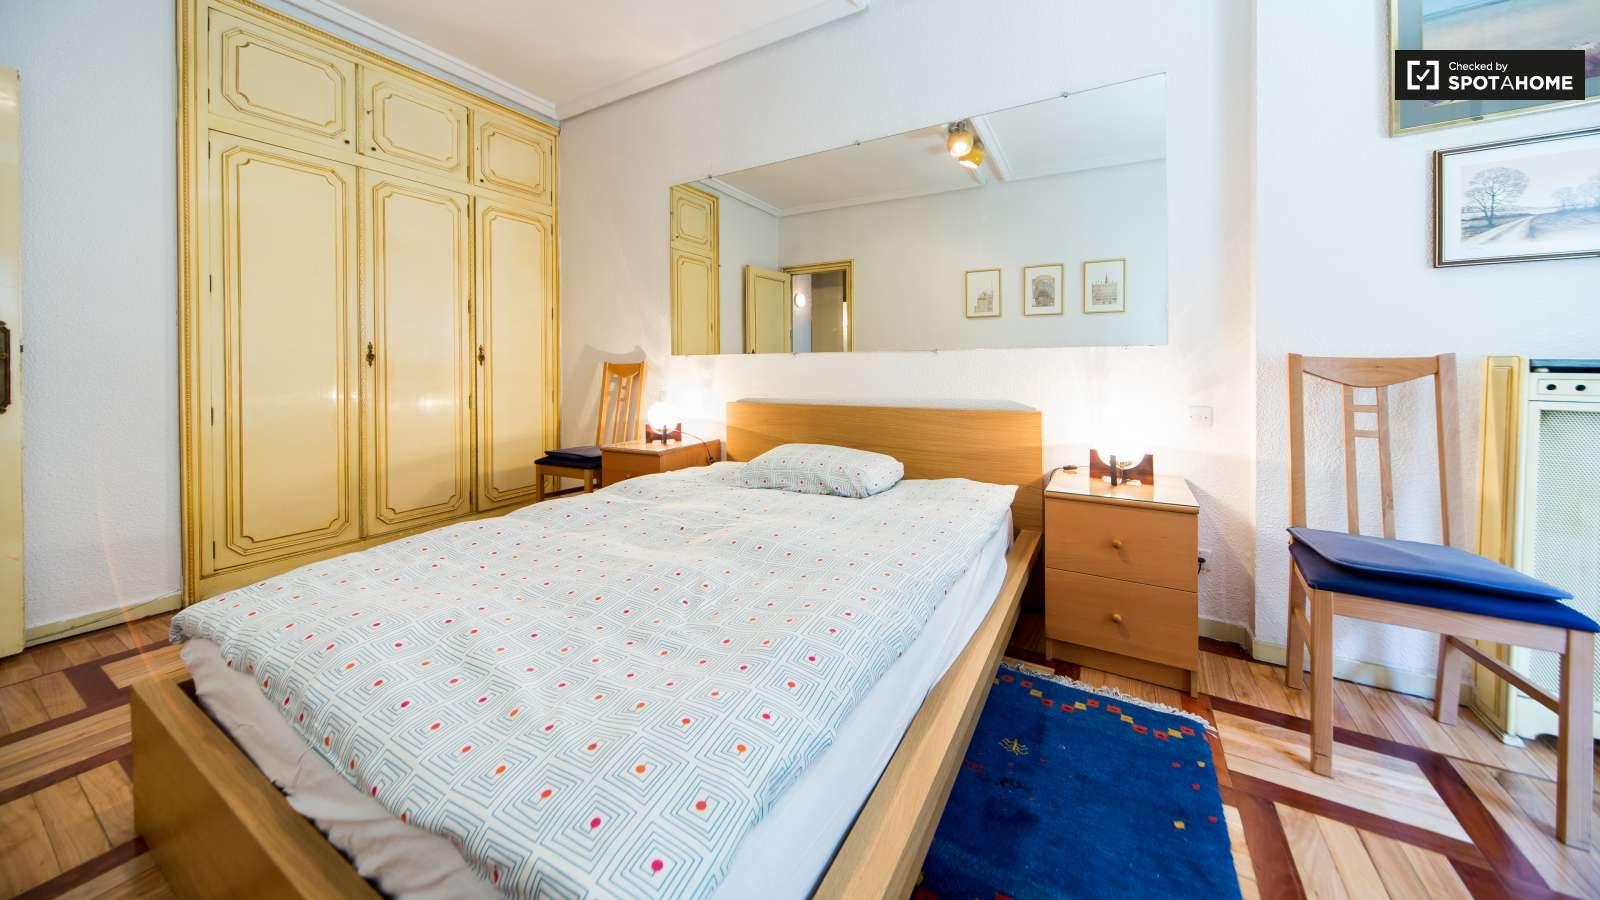 Espacioso piso de 1 habitaci n en moncloa madrid ref for Piso 1 habitacion